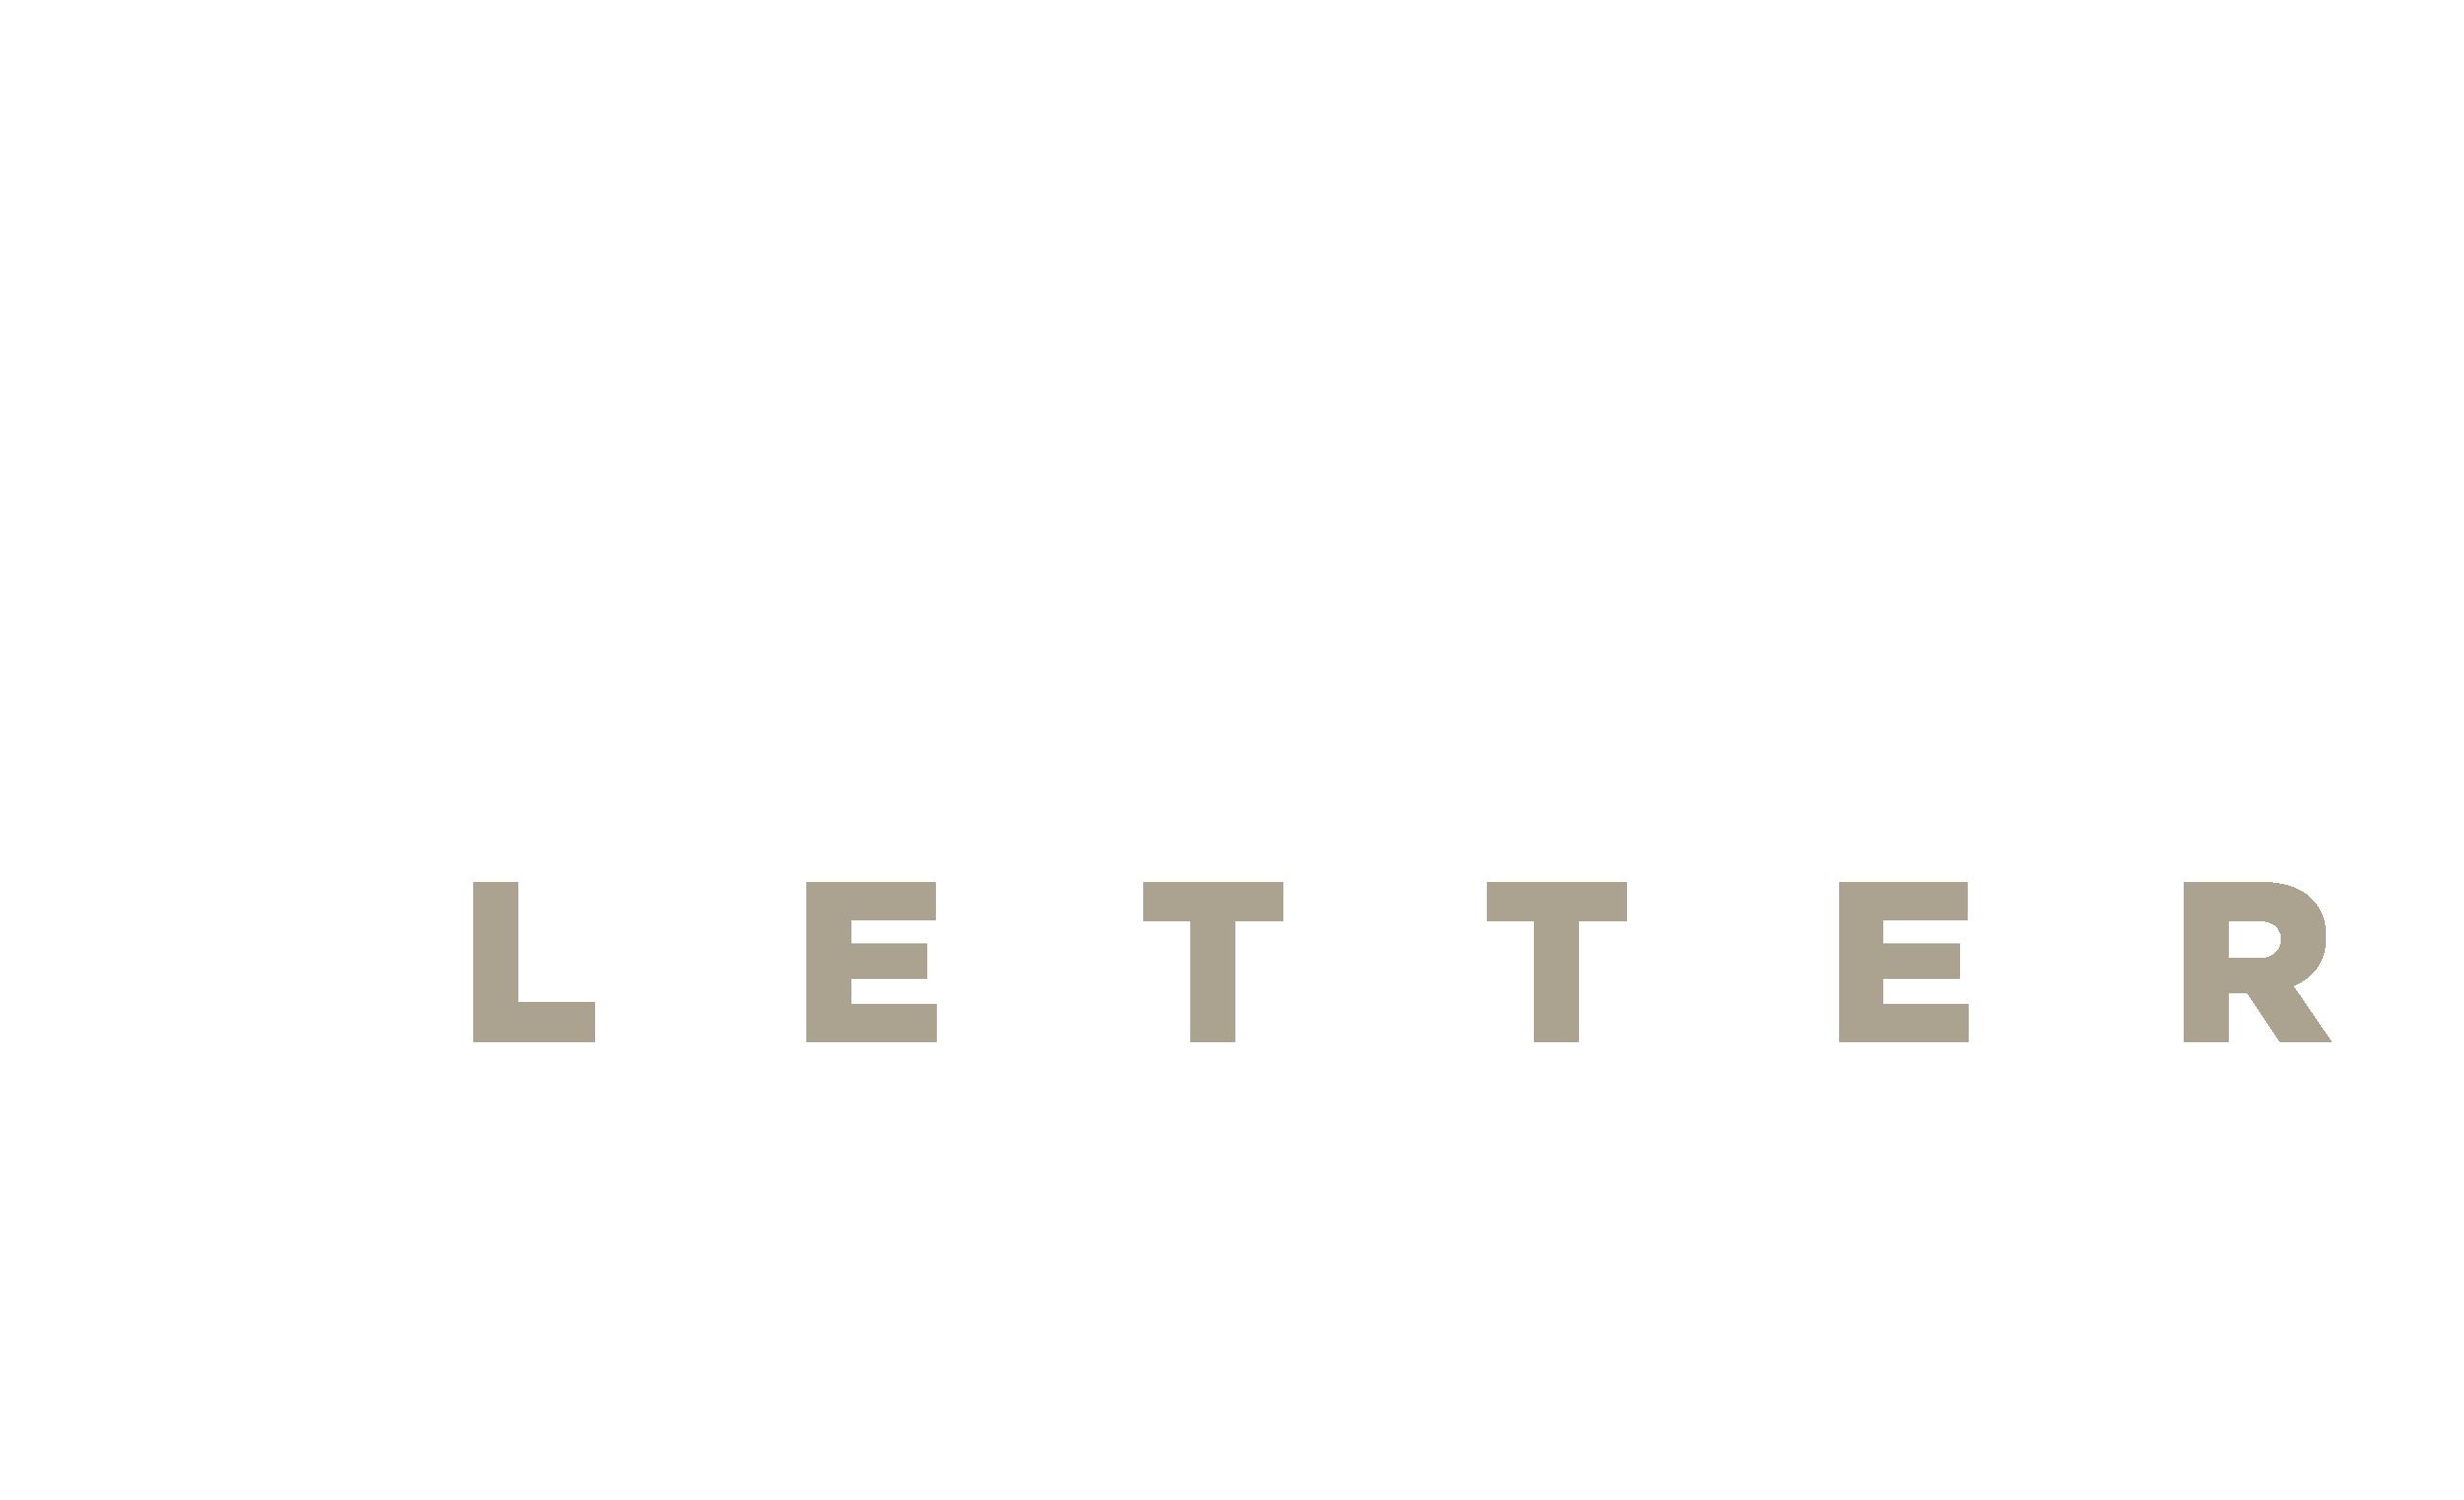 Broker letter